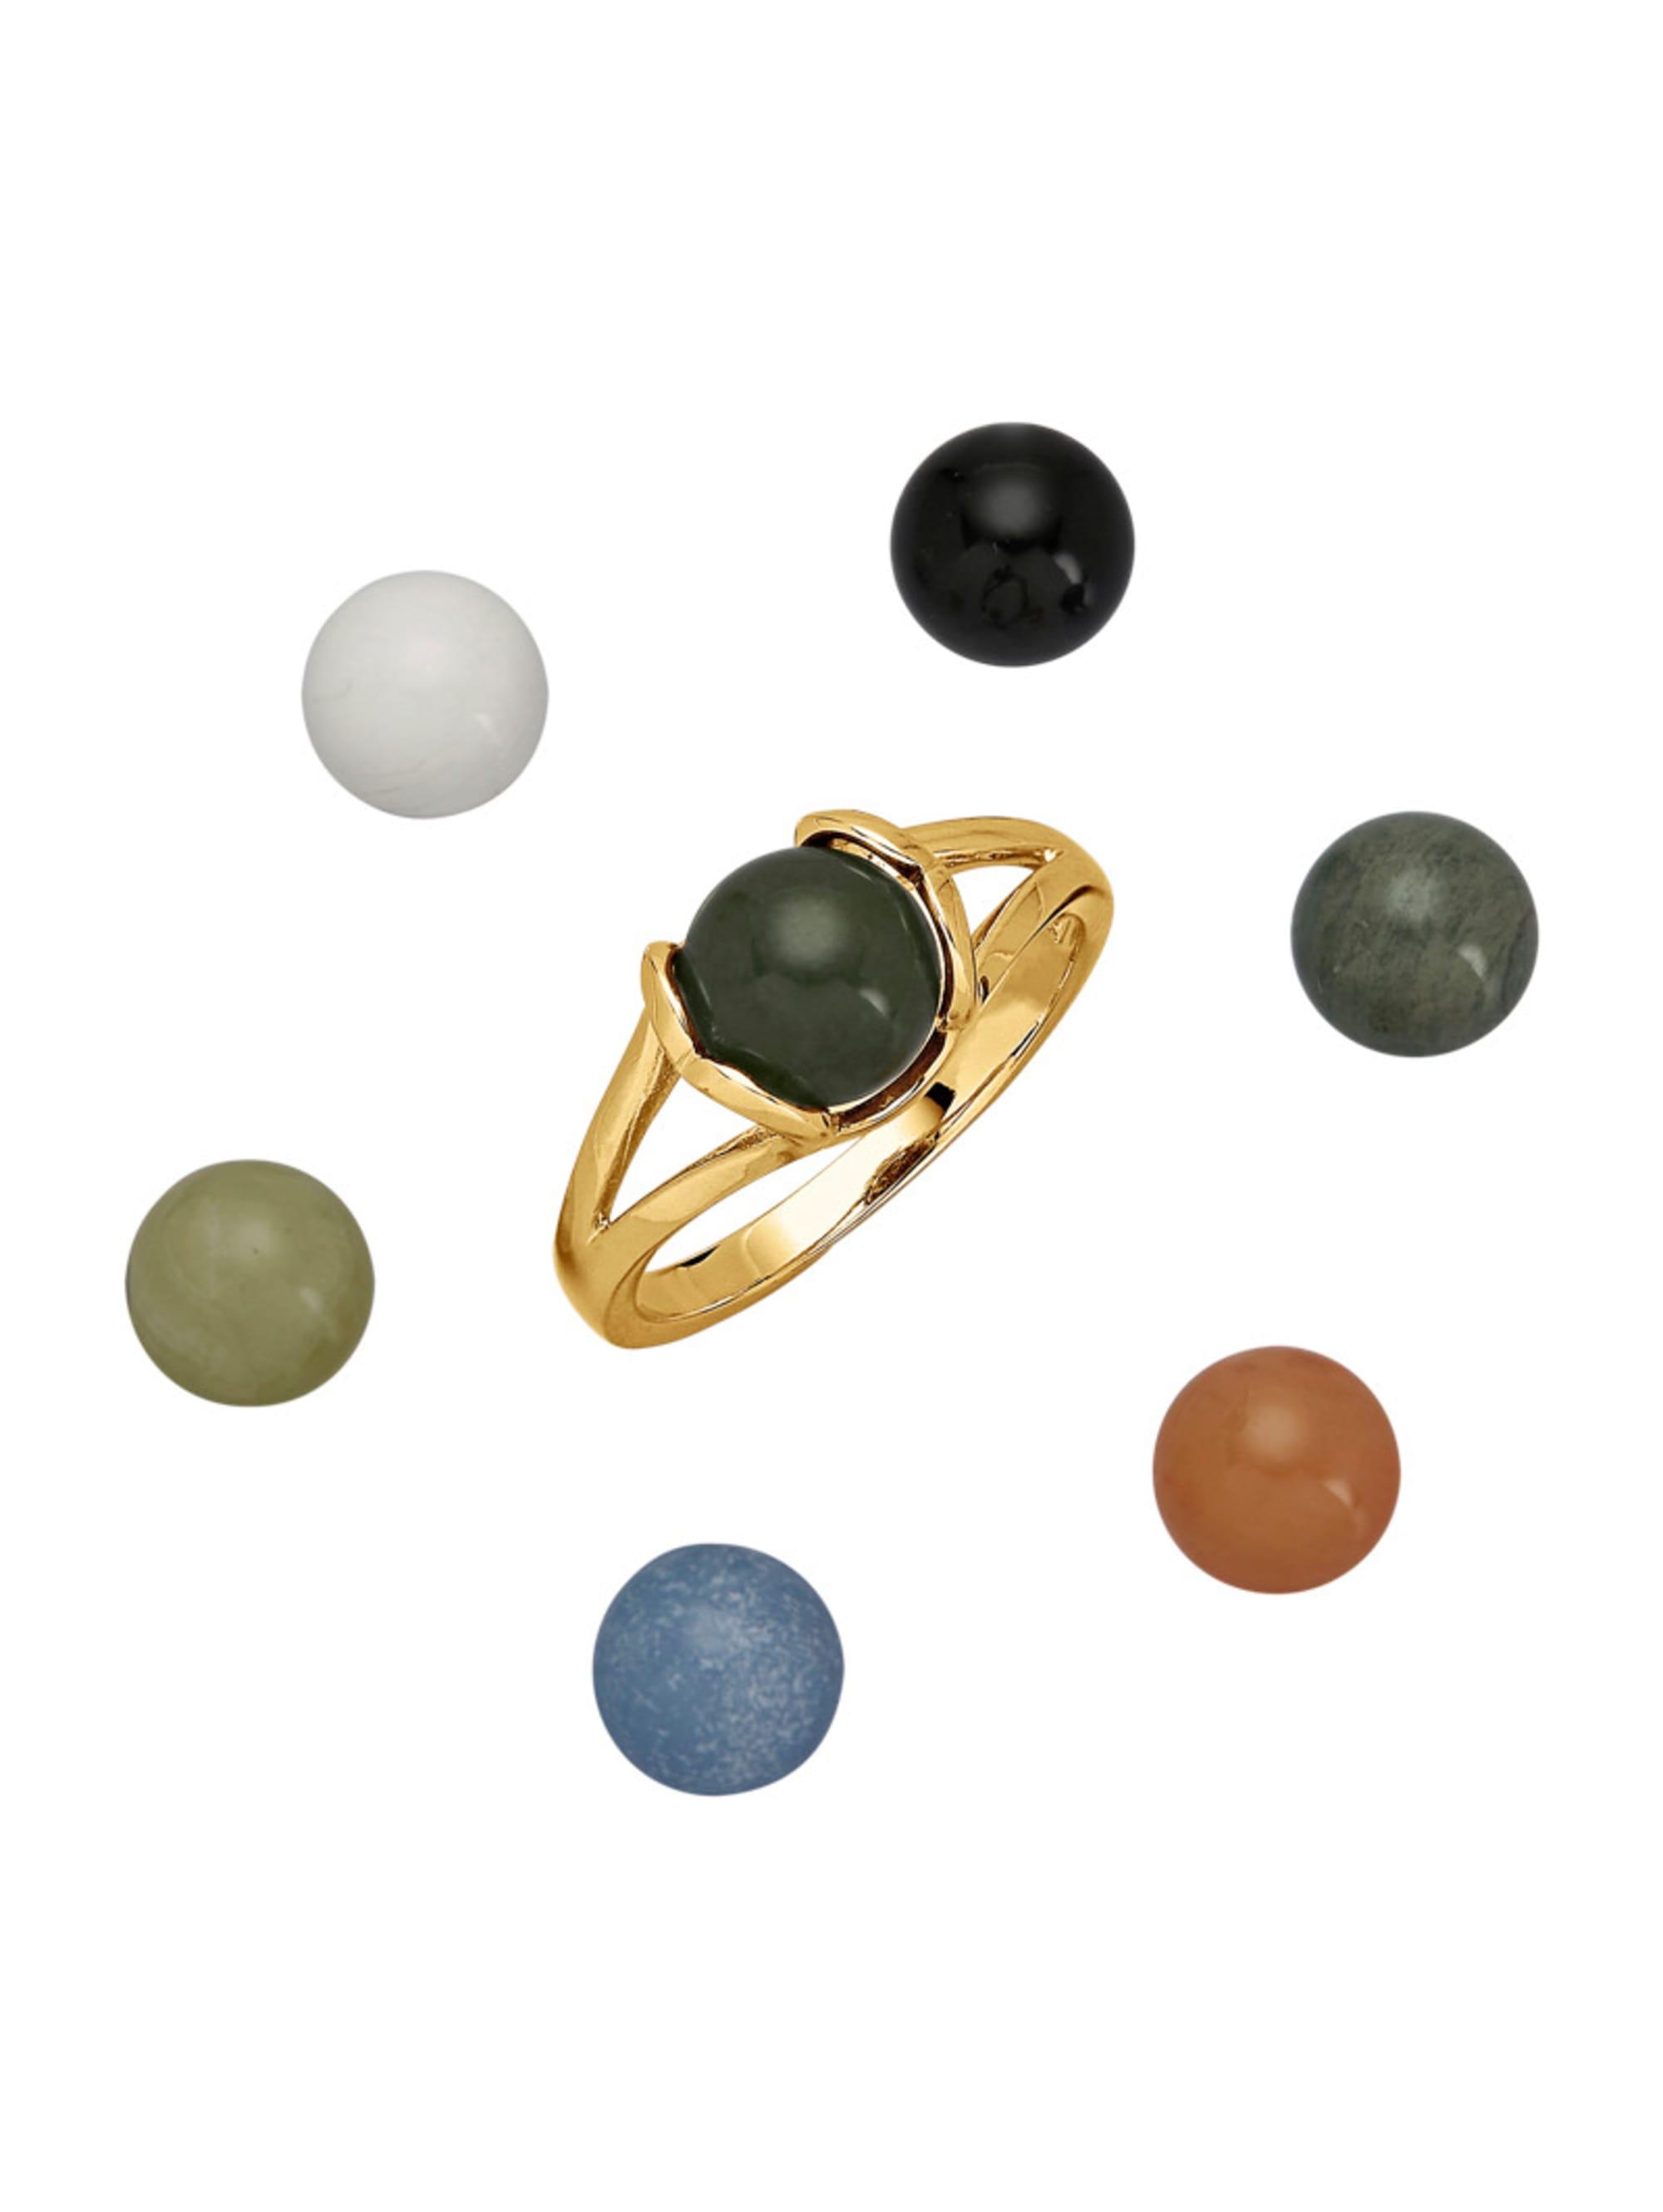 8tlg. Ring-Set mit Farbsteinen tXFRA